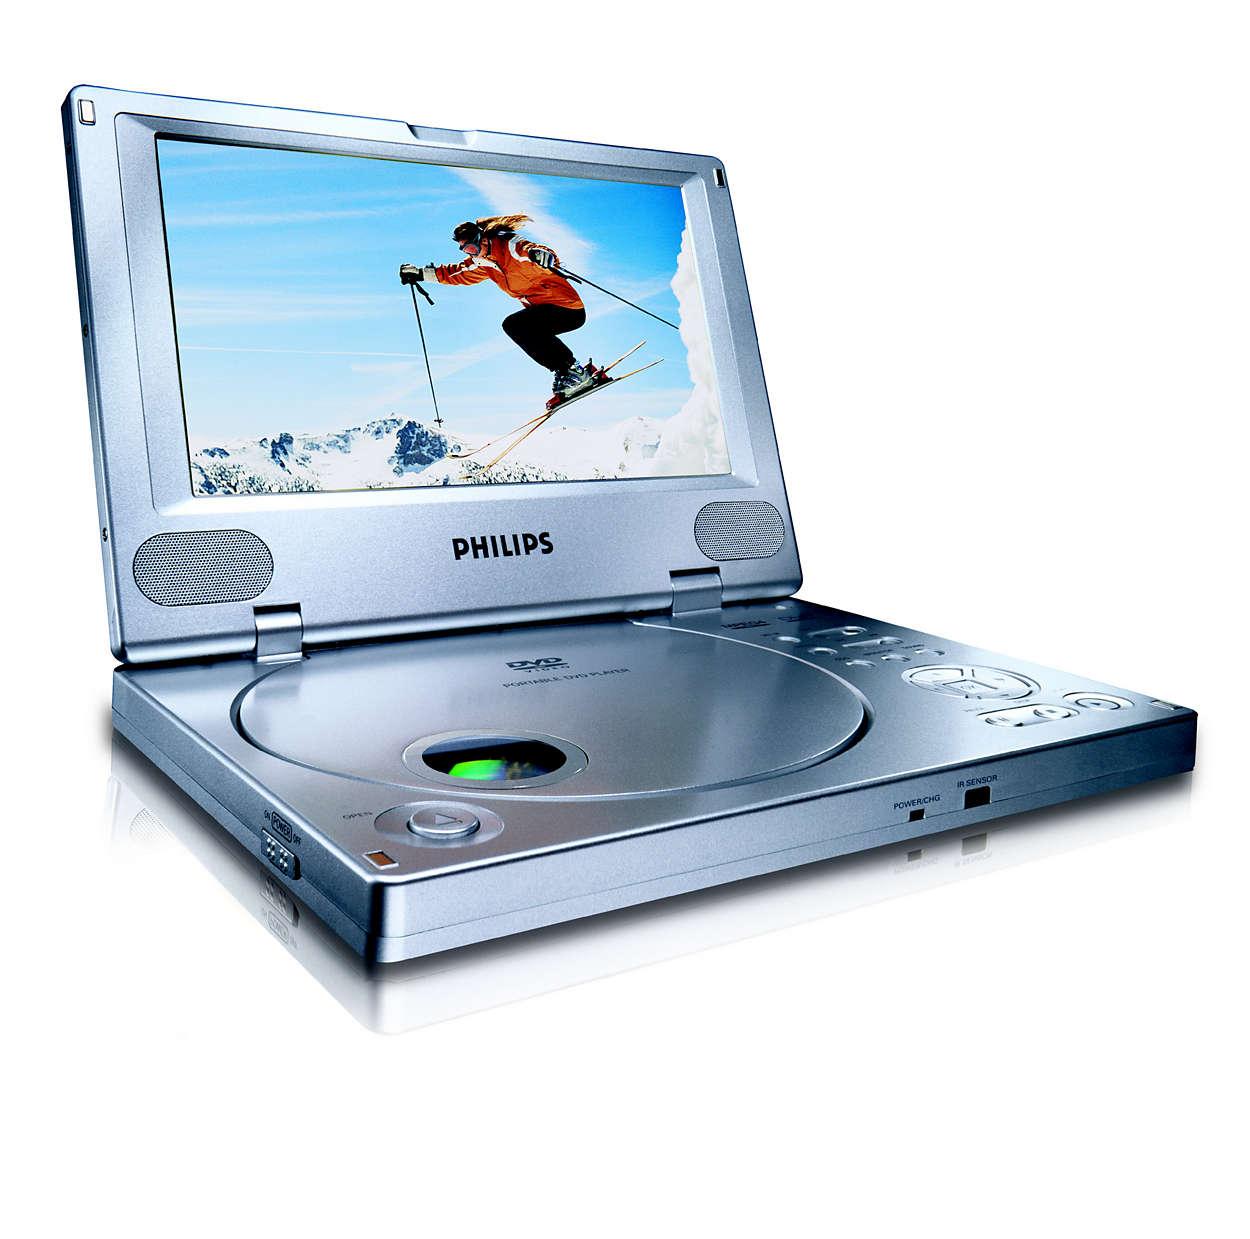 Aprecie vídeos digitais e DVD em movimento